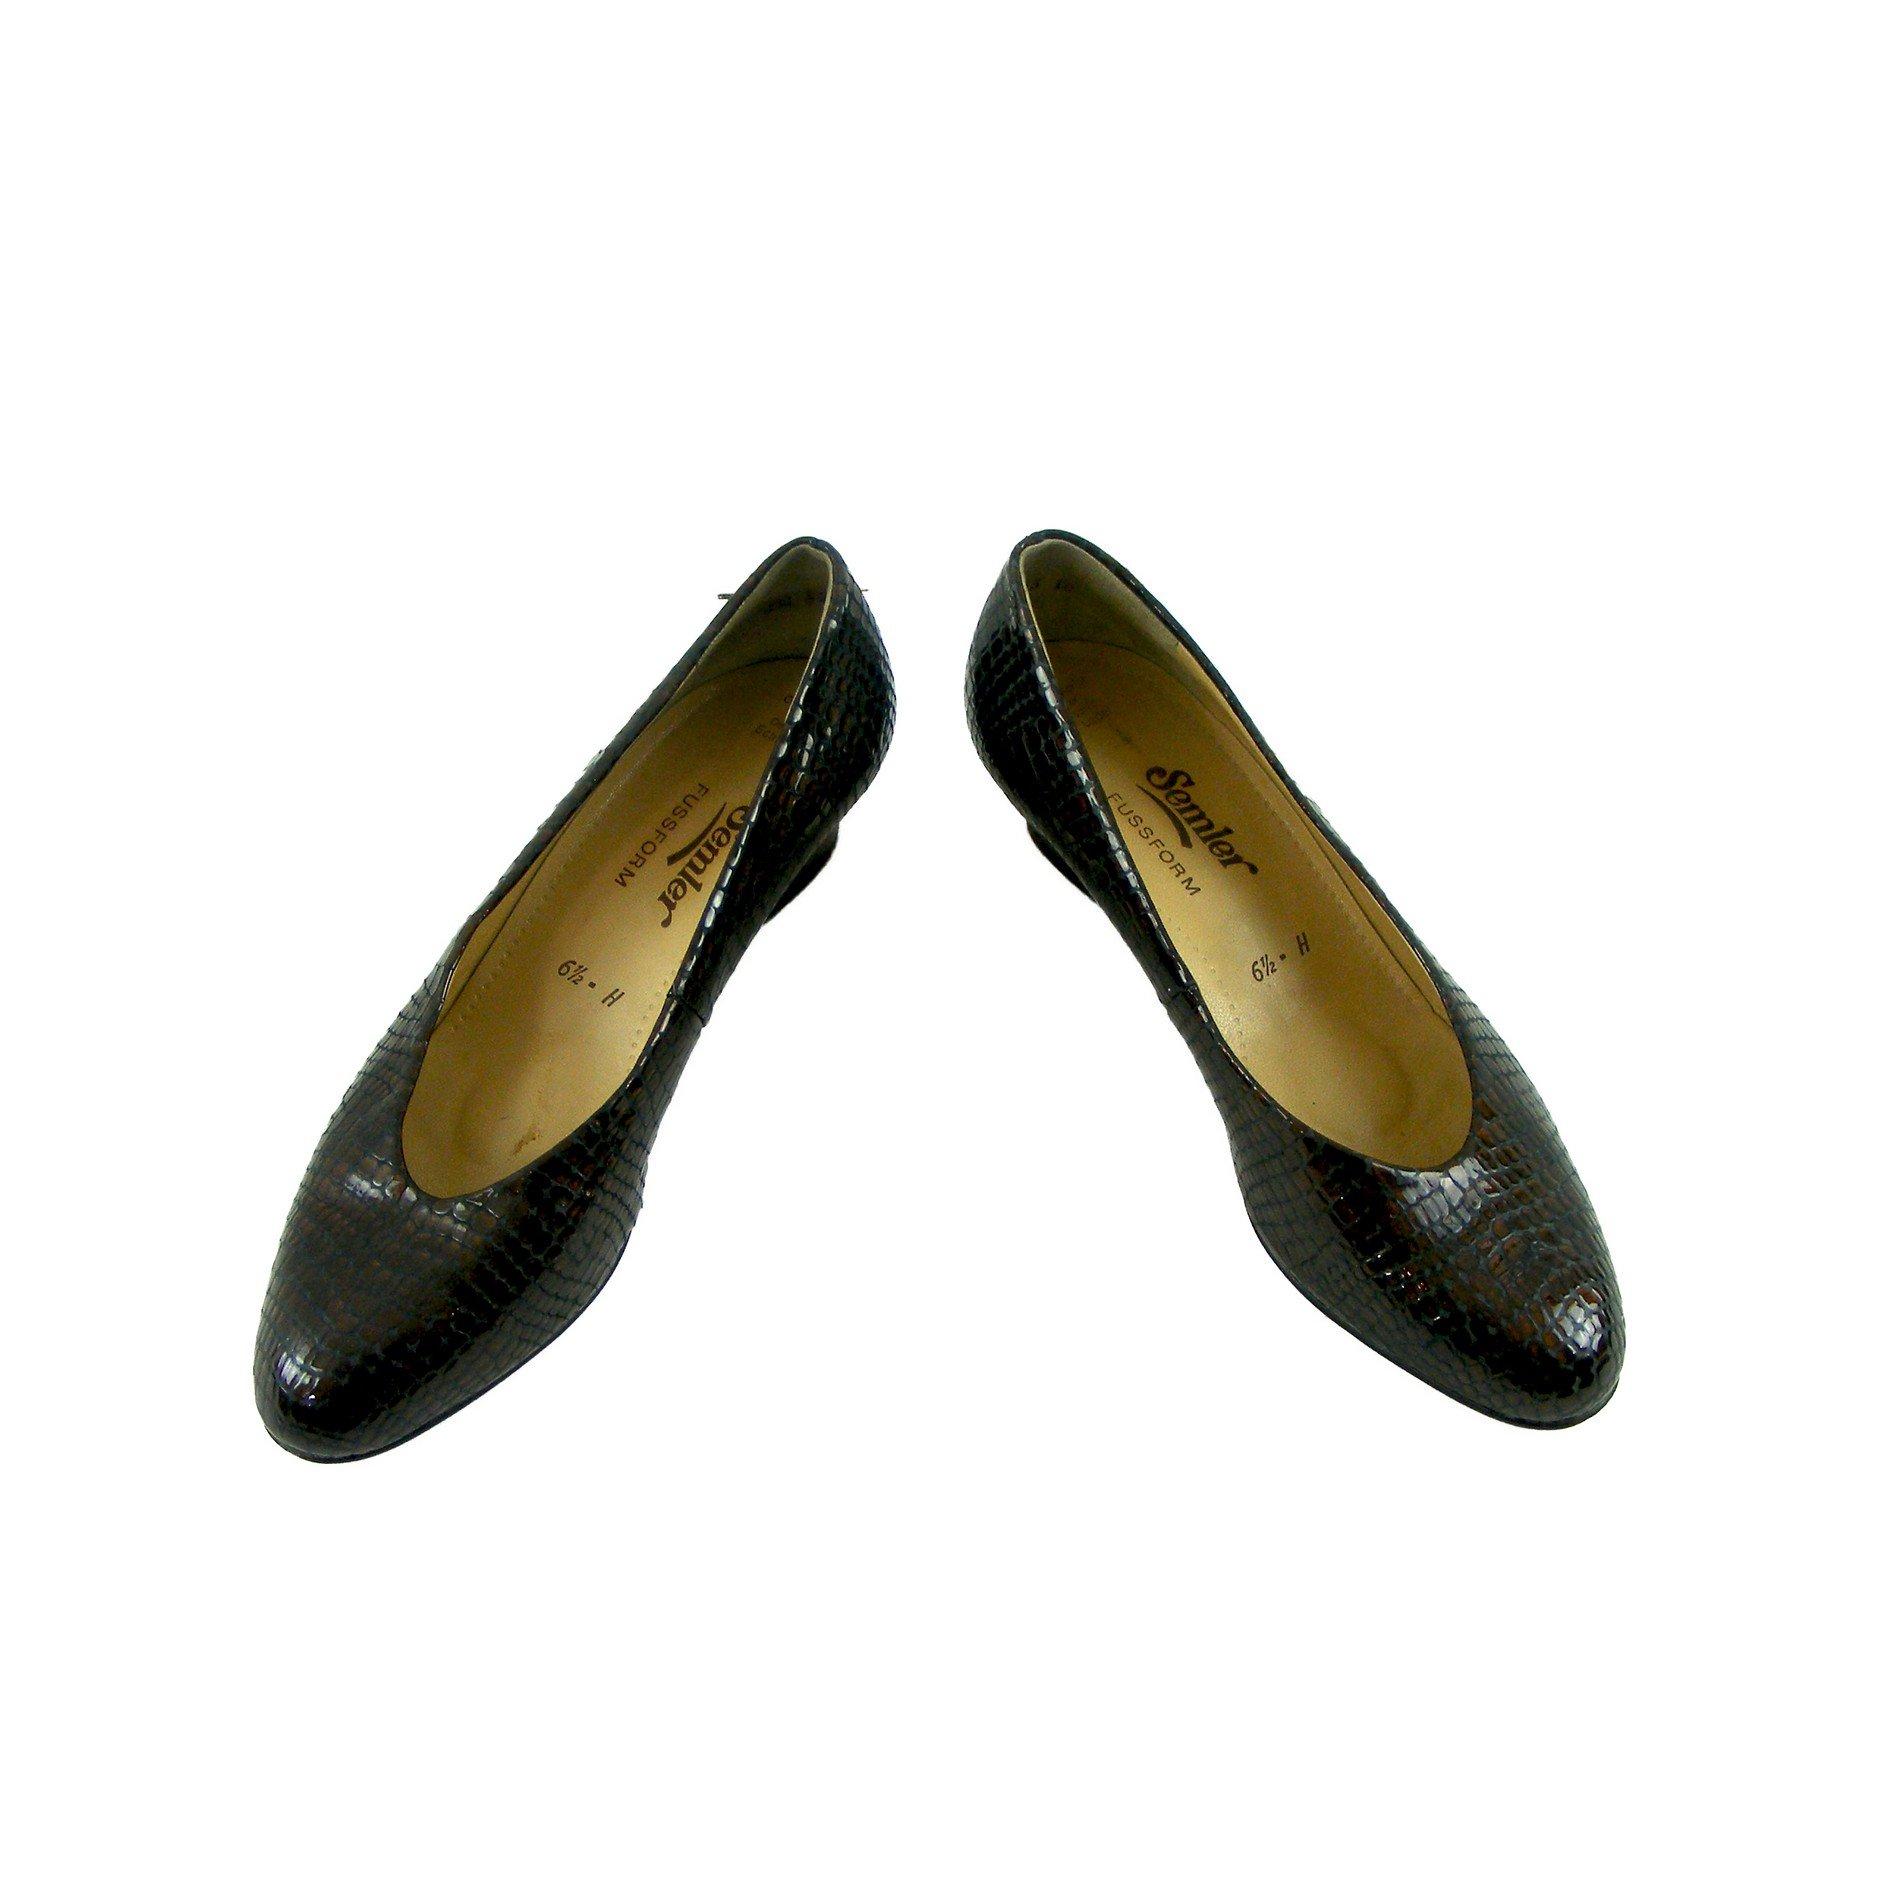 60s Ladies Vintage shoes - 6.5 - Blue